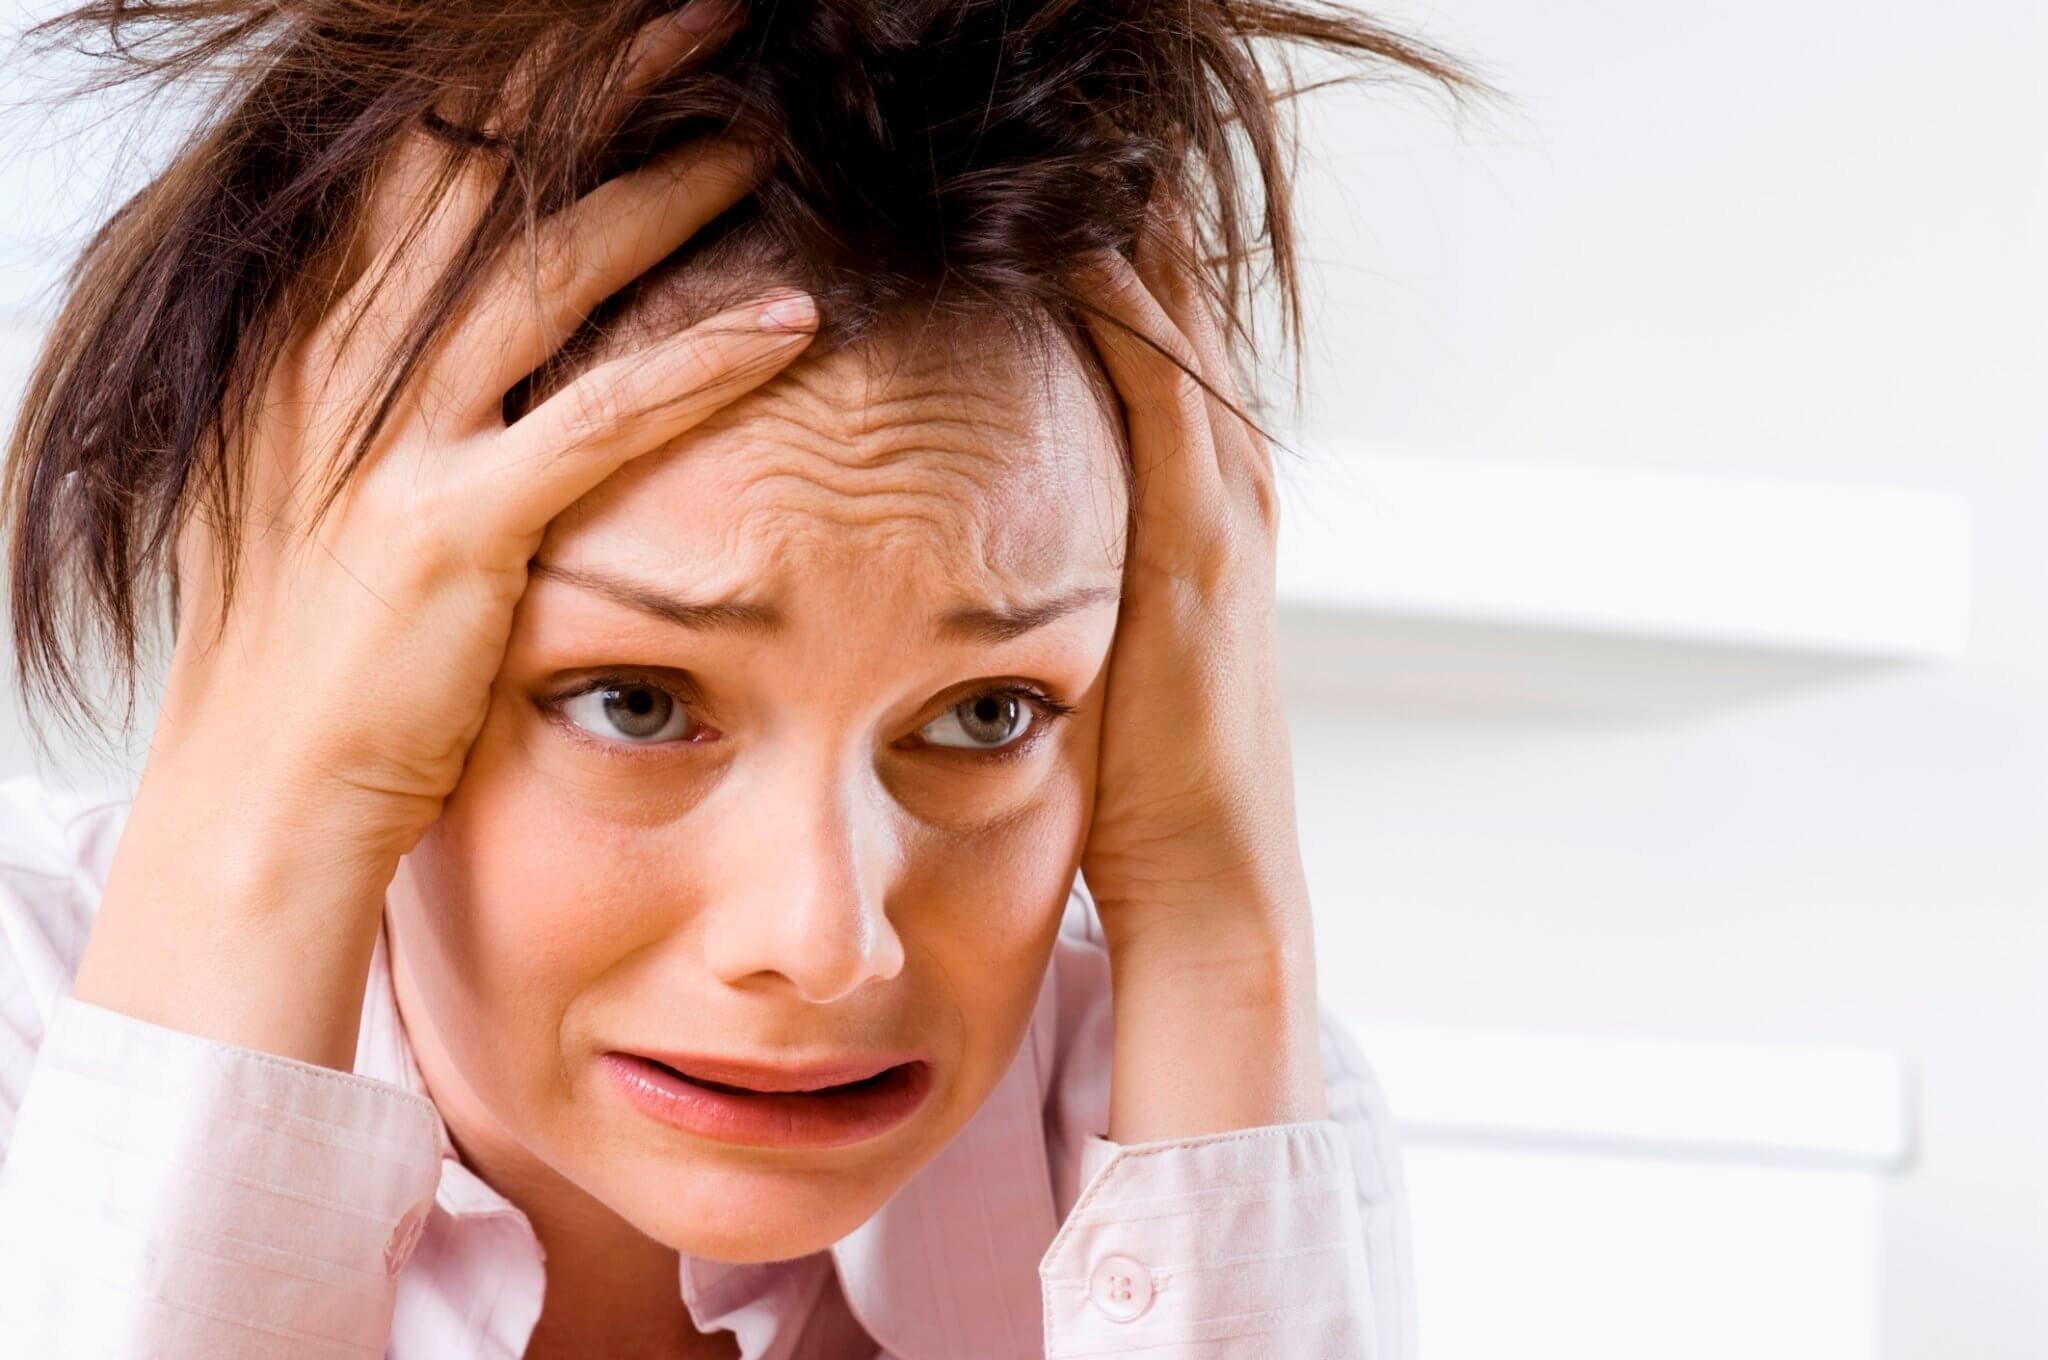 Реактивная депрессия - симптомы, формы, причины, лечение